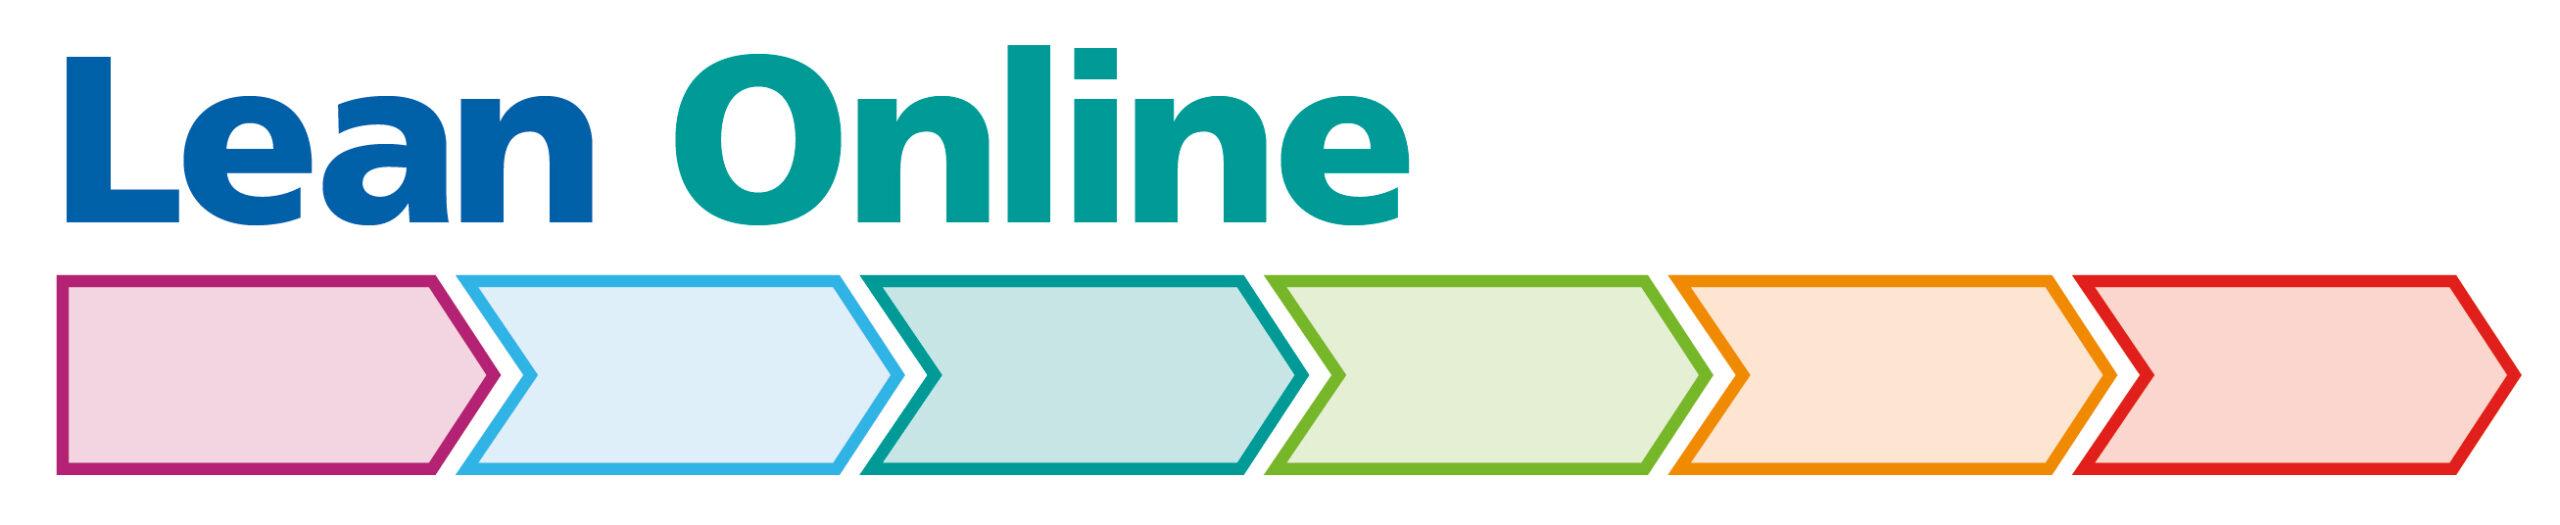 Lean Online Programme arrows